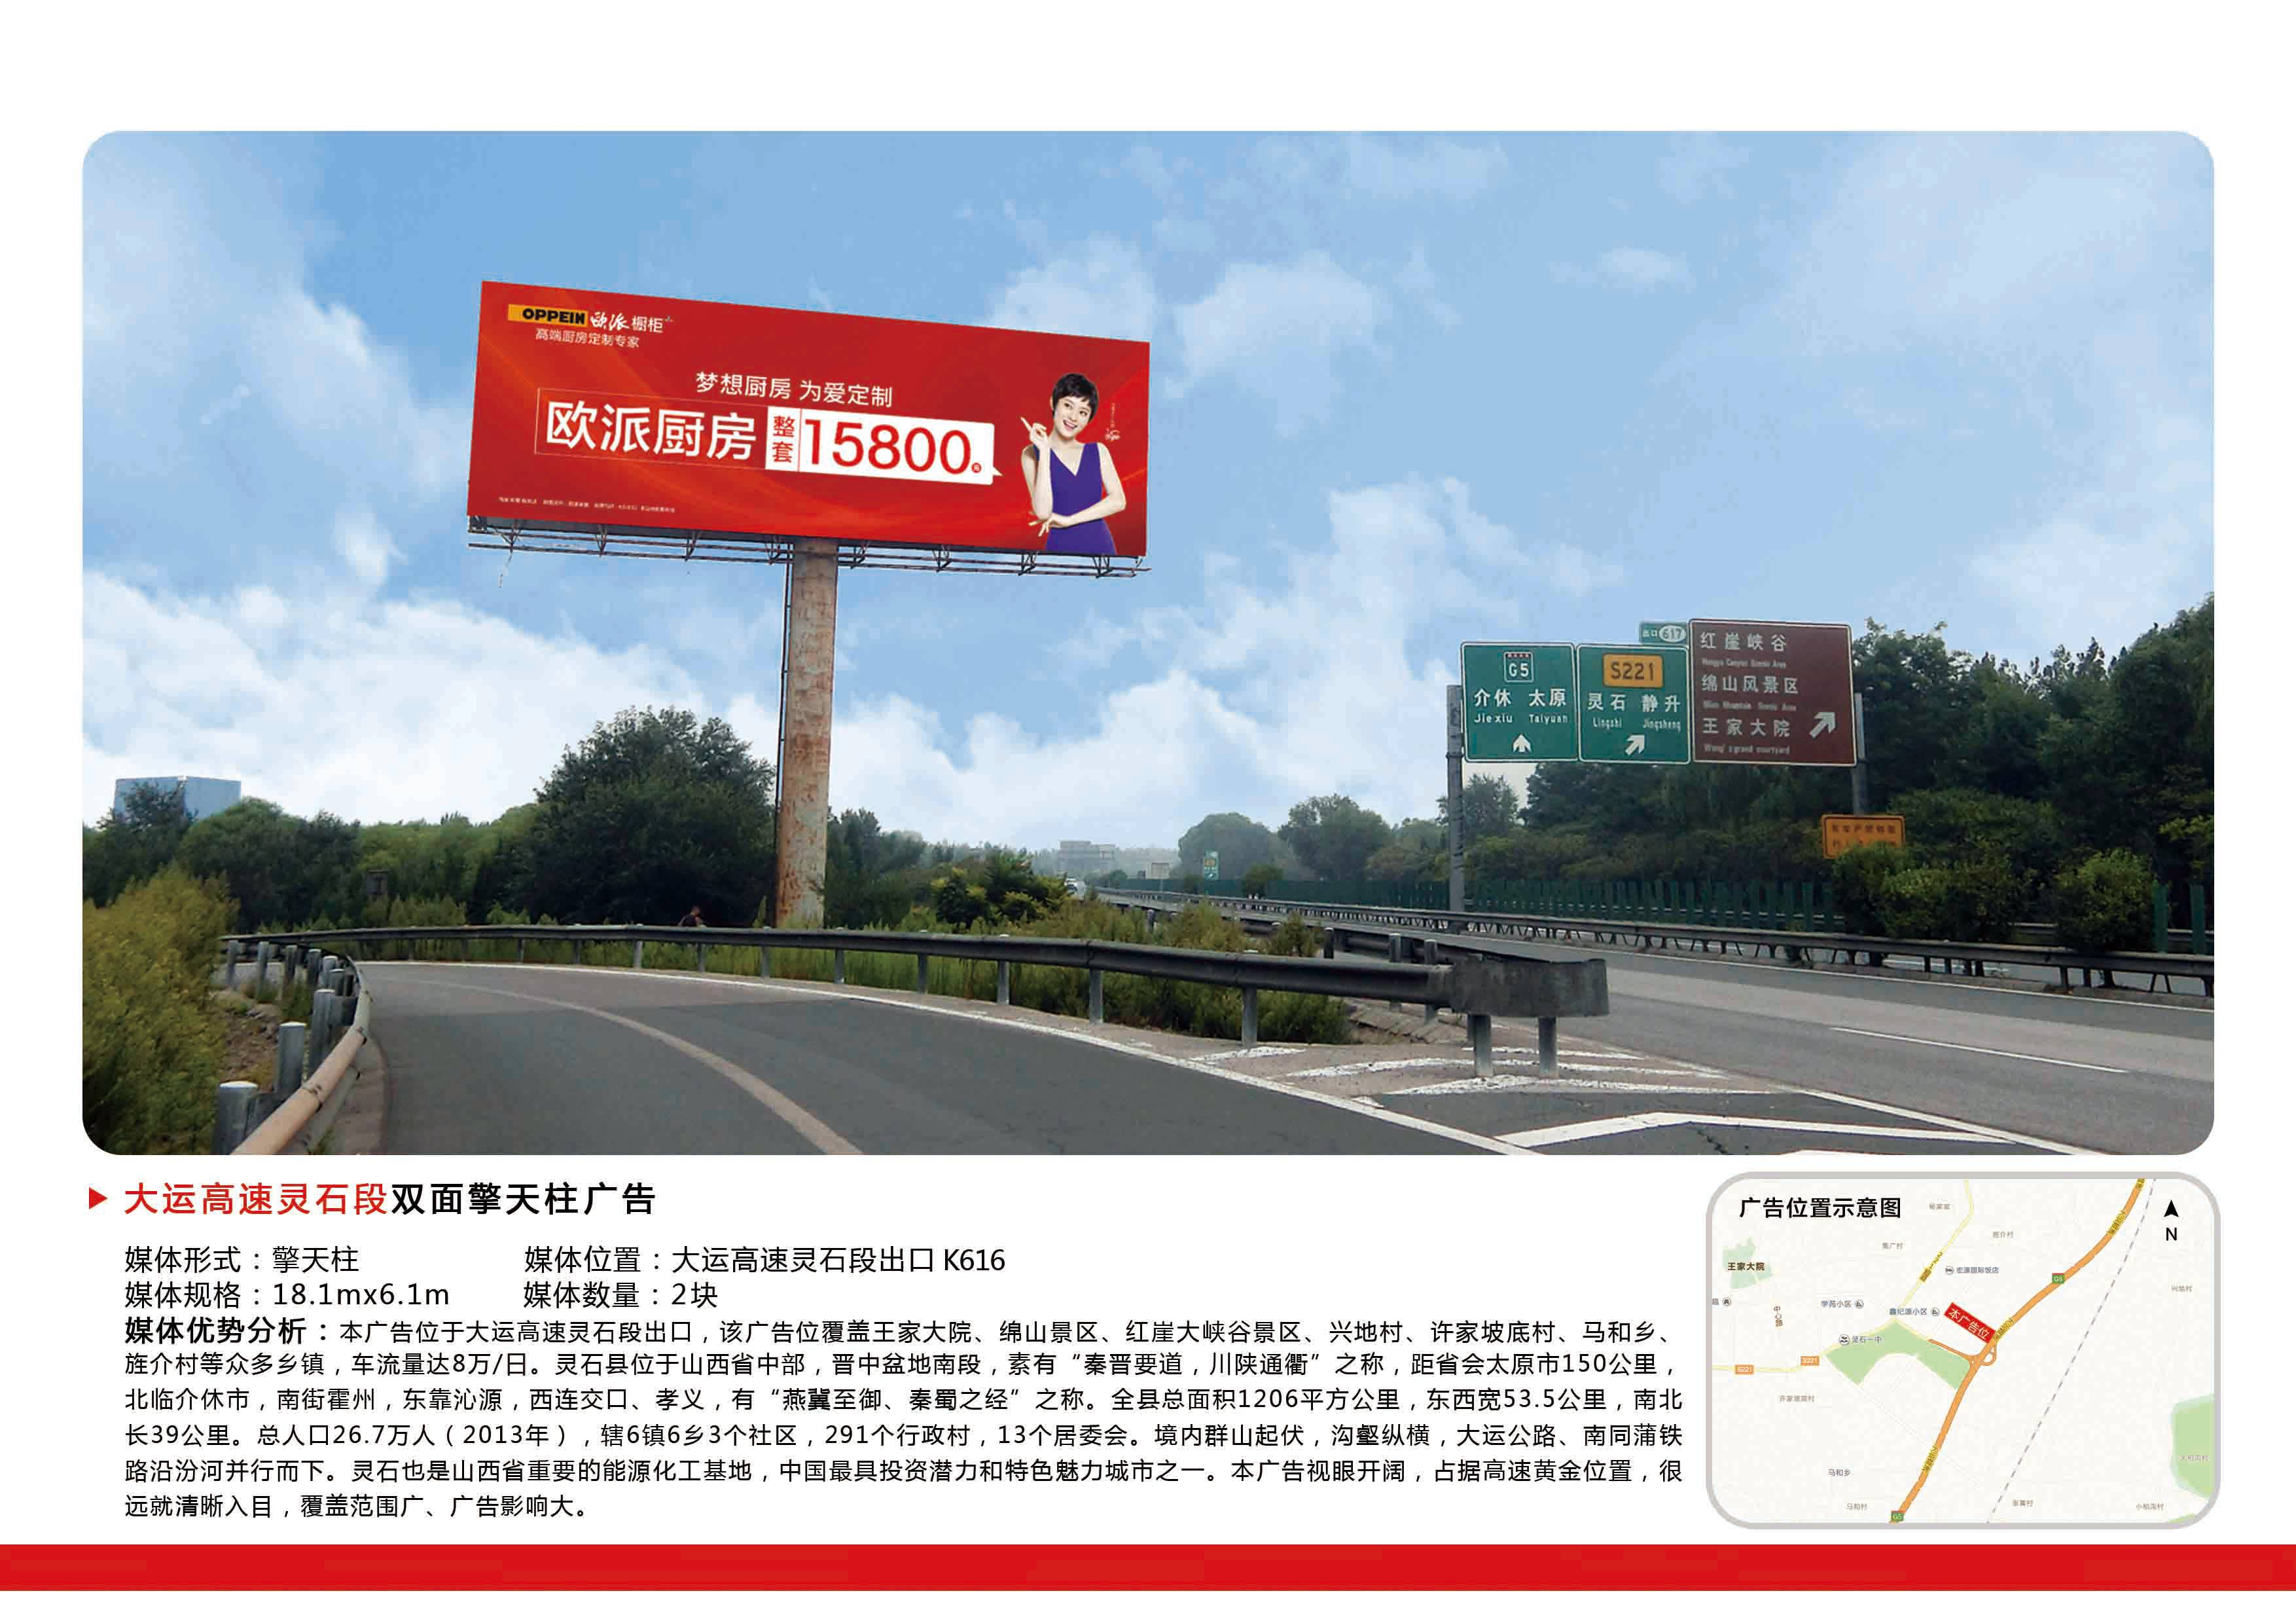 山西京昆高速G5灵石段高速公路牌广告